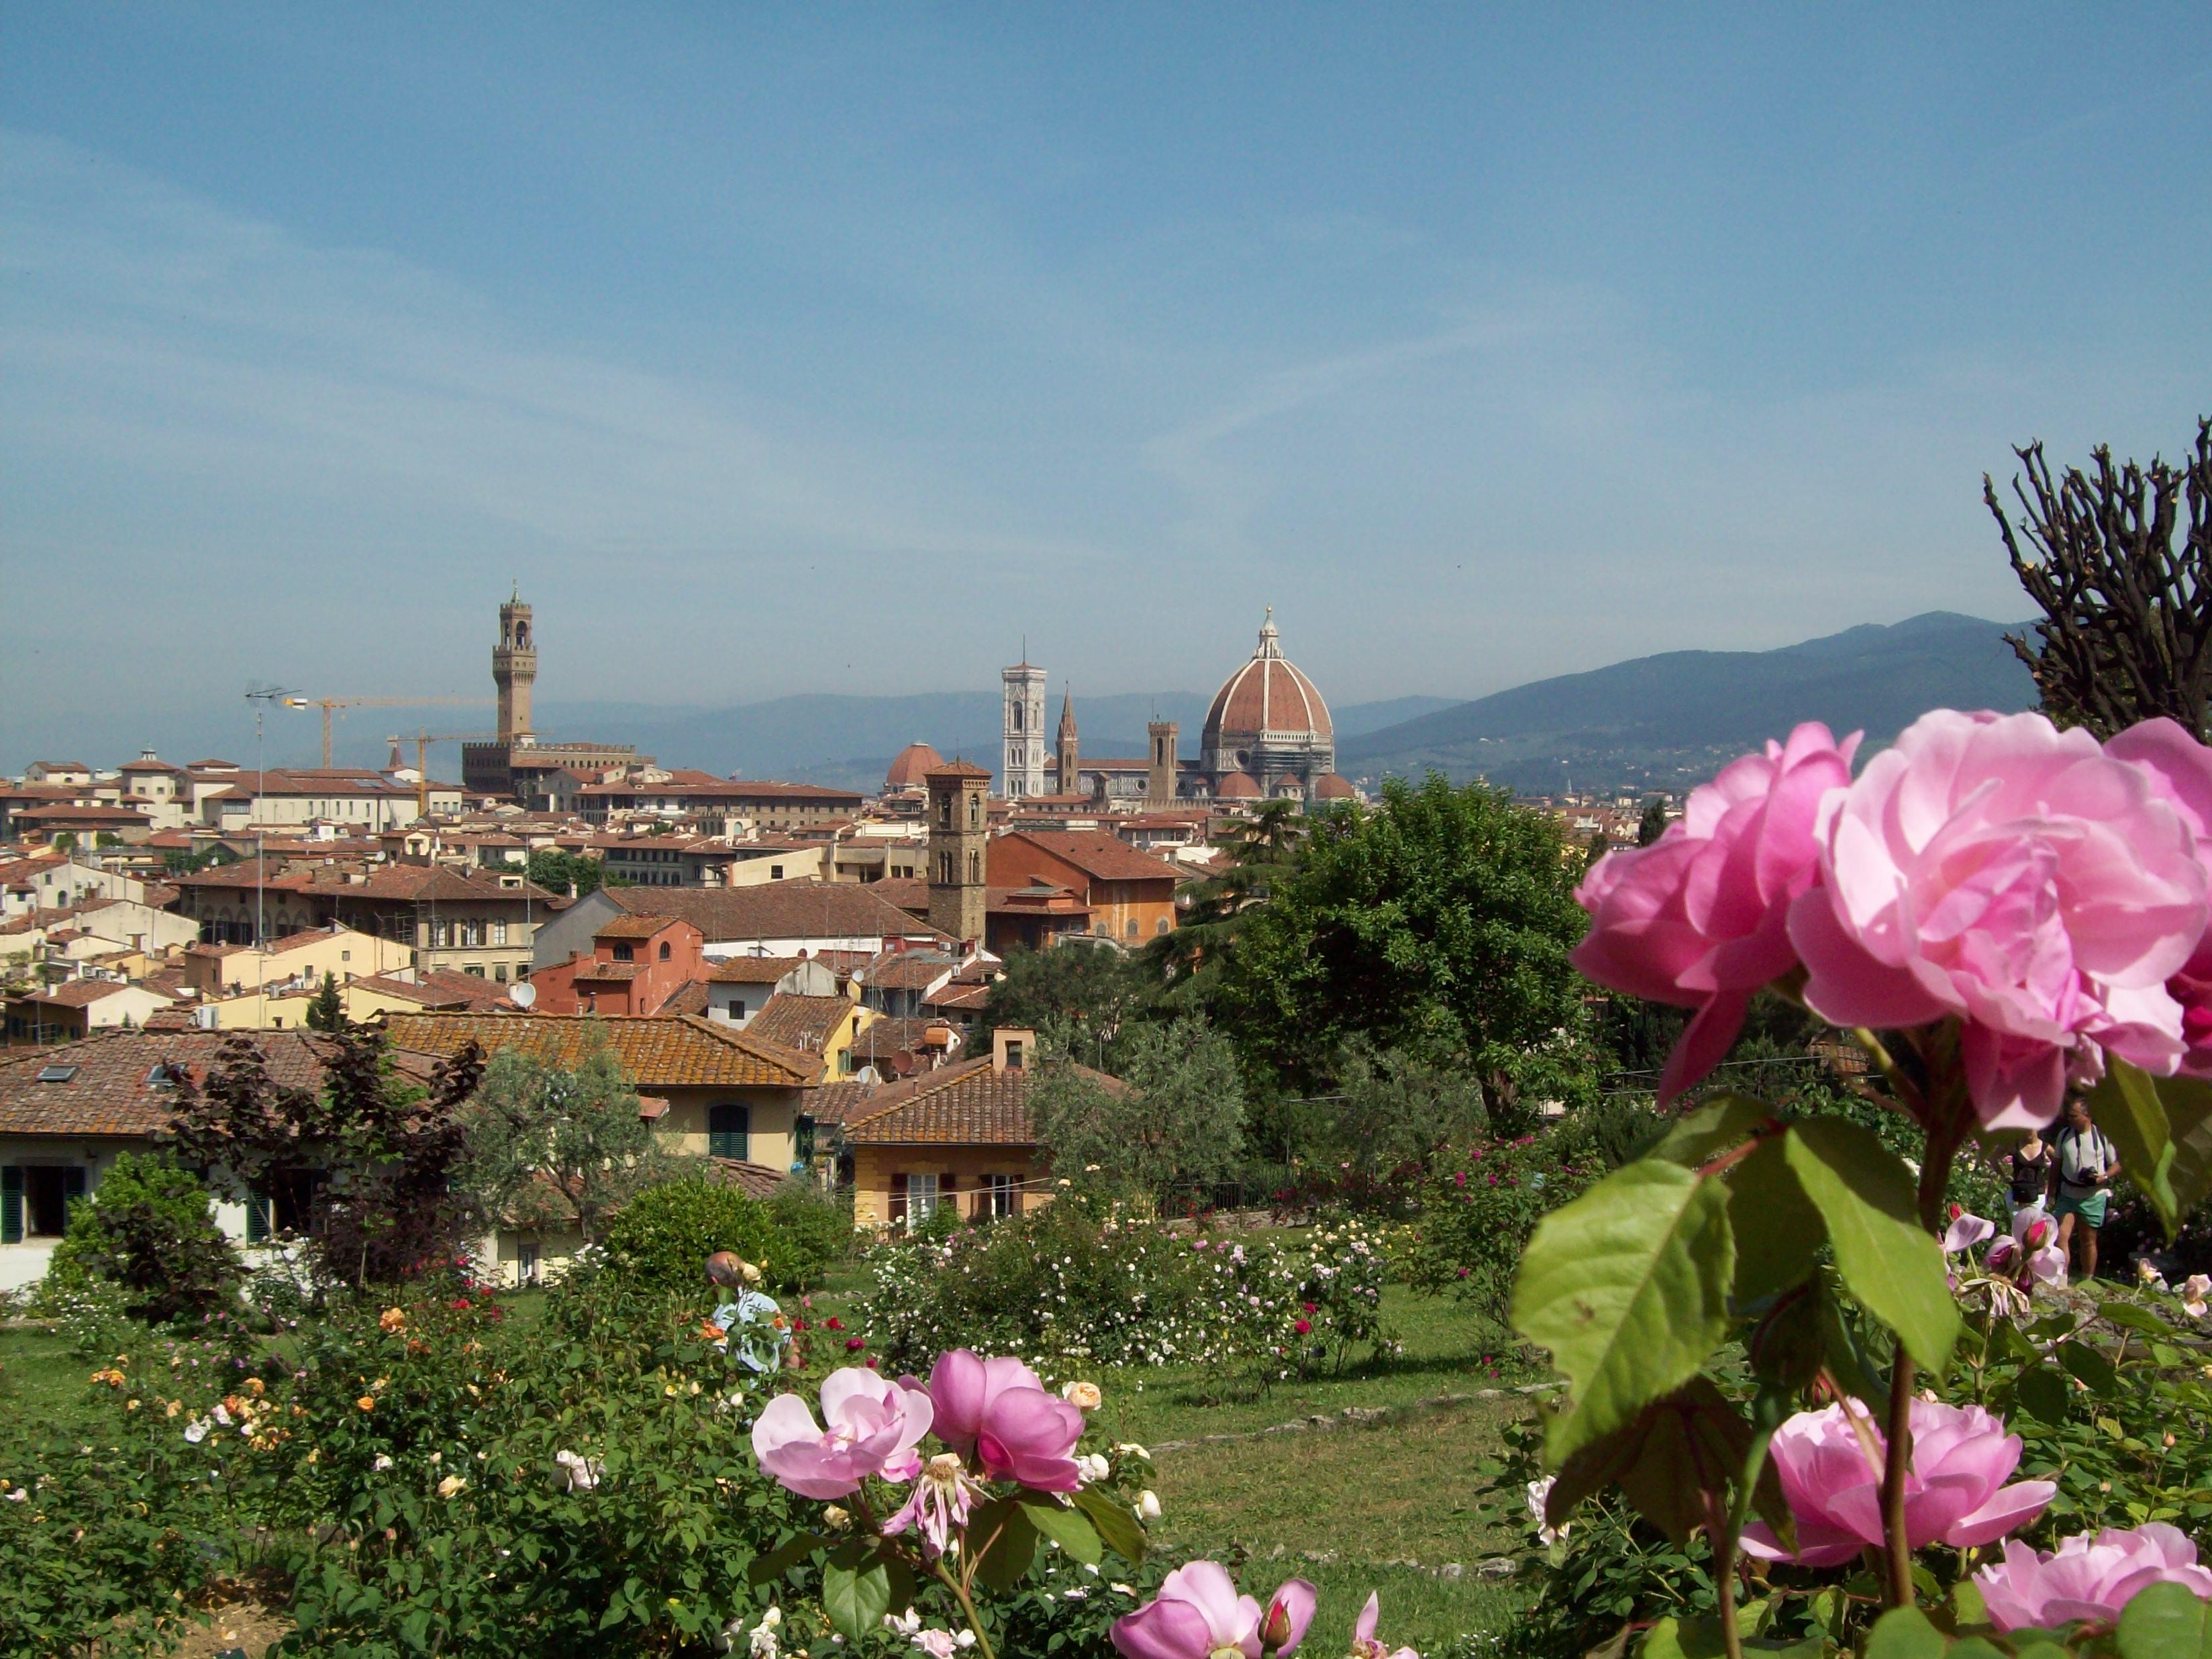 Il giardino delle rose firenze just savour - Giardino delle rose firenze ...